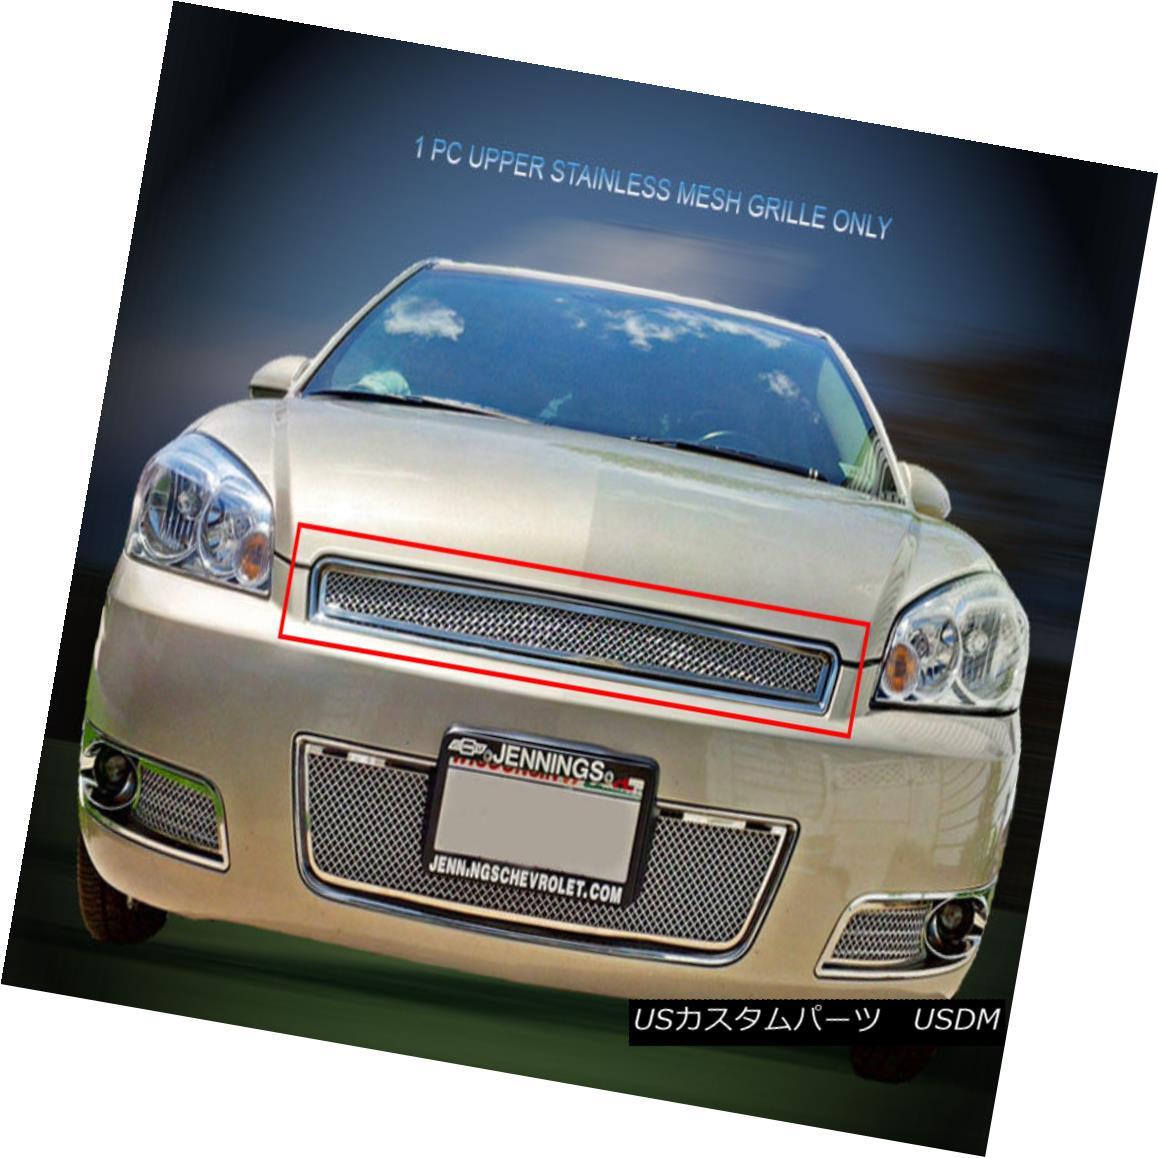 グリル Fedar Fits 06-13 Chevy Impala/06-07 Monte Carlo Chrome Wire Mesh Grille Insert Fedar Fits 06-13 Chevy Impala / 06-07モンテカルロクロームワイヤーメッシュグリルインサート